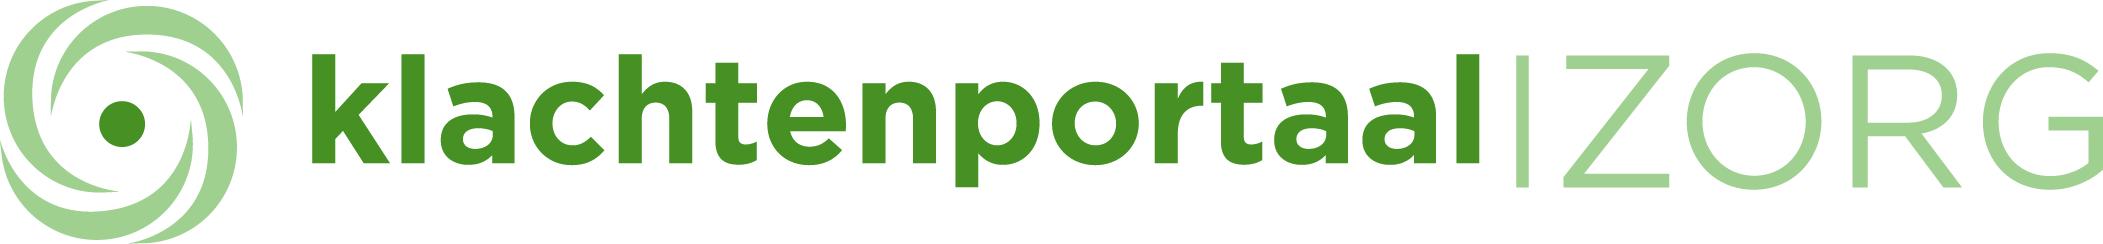 klachtenportaal zorg - logo (1)